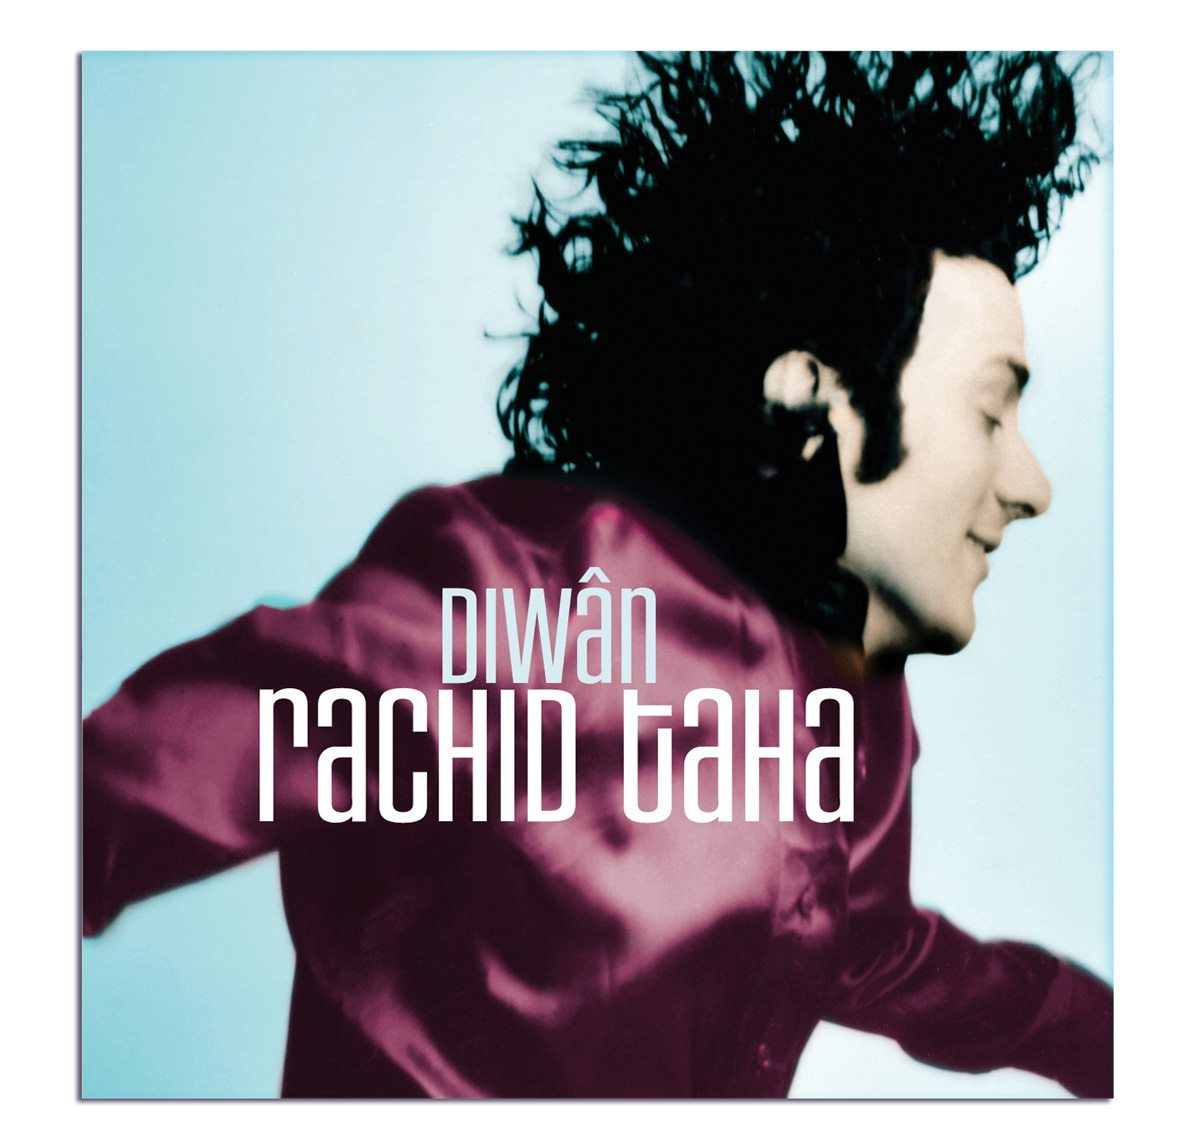 Rachid-TAHA-Diwan-cover-ichetkar